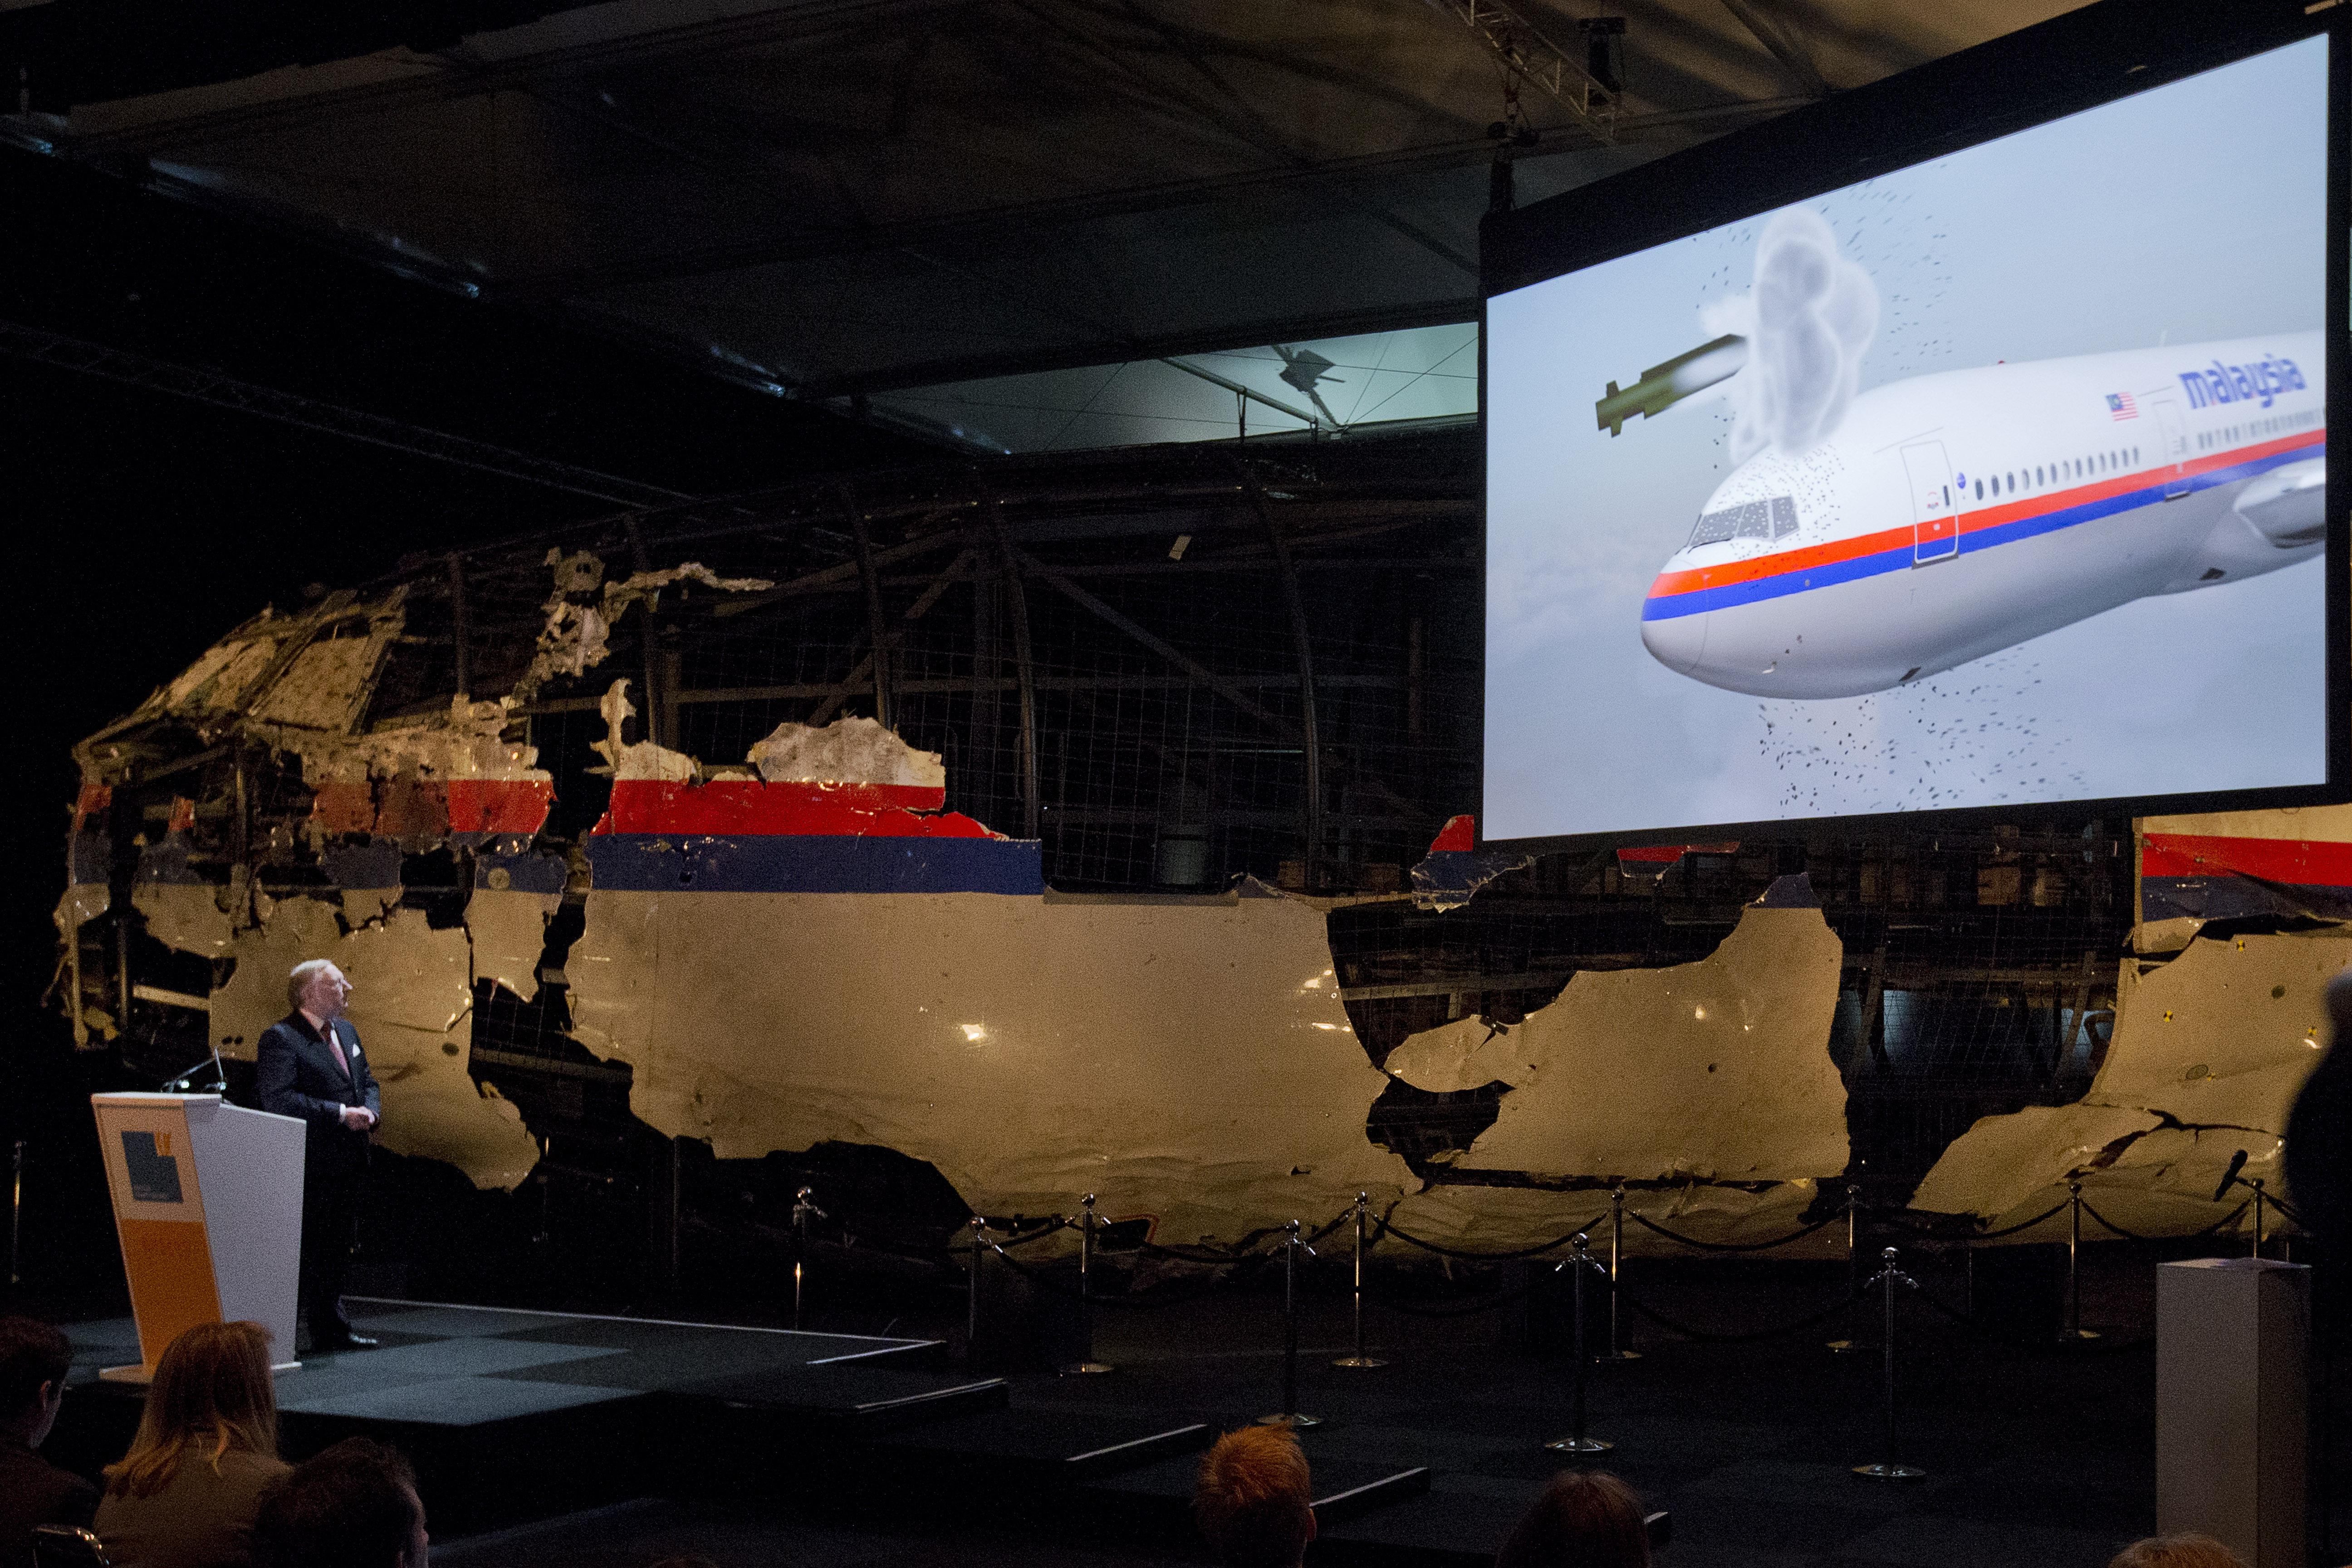 遭俄羅斯飛彈擊落的馬來西亞航空MH17班機,機首碎片重建與模擬畫面(美聯社)